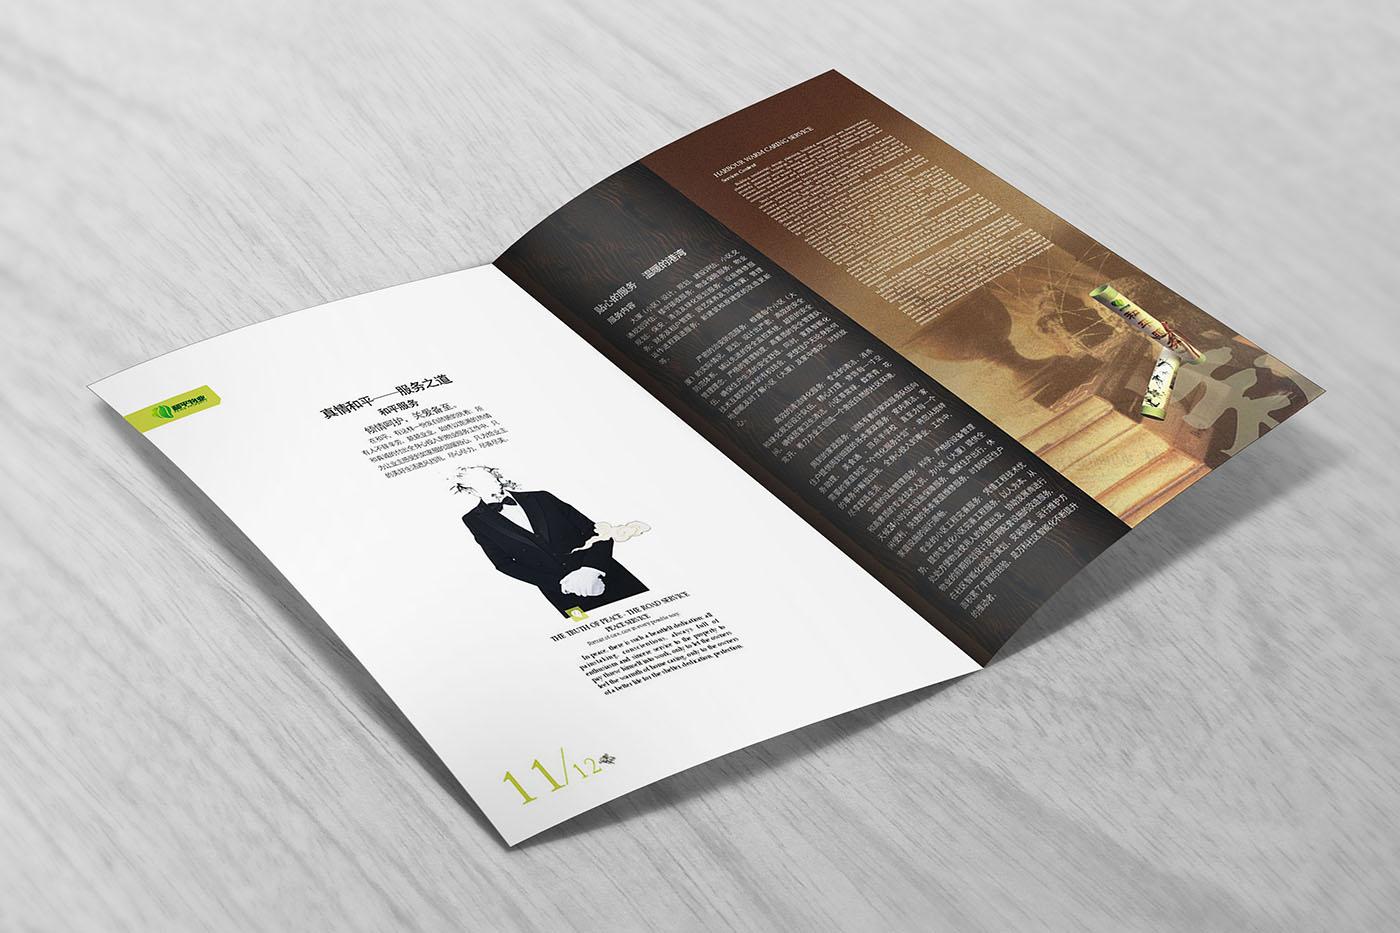 物业管理画册设计,物业管理画册设计公司